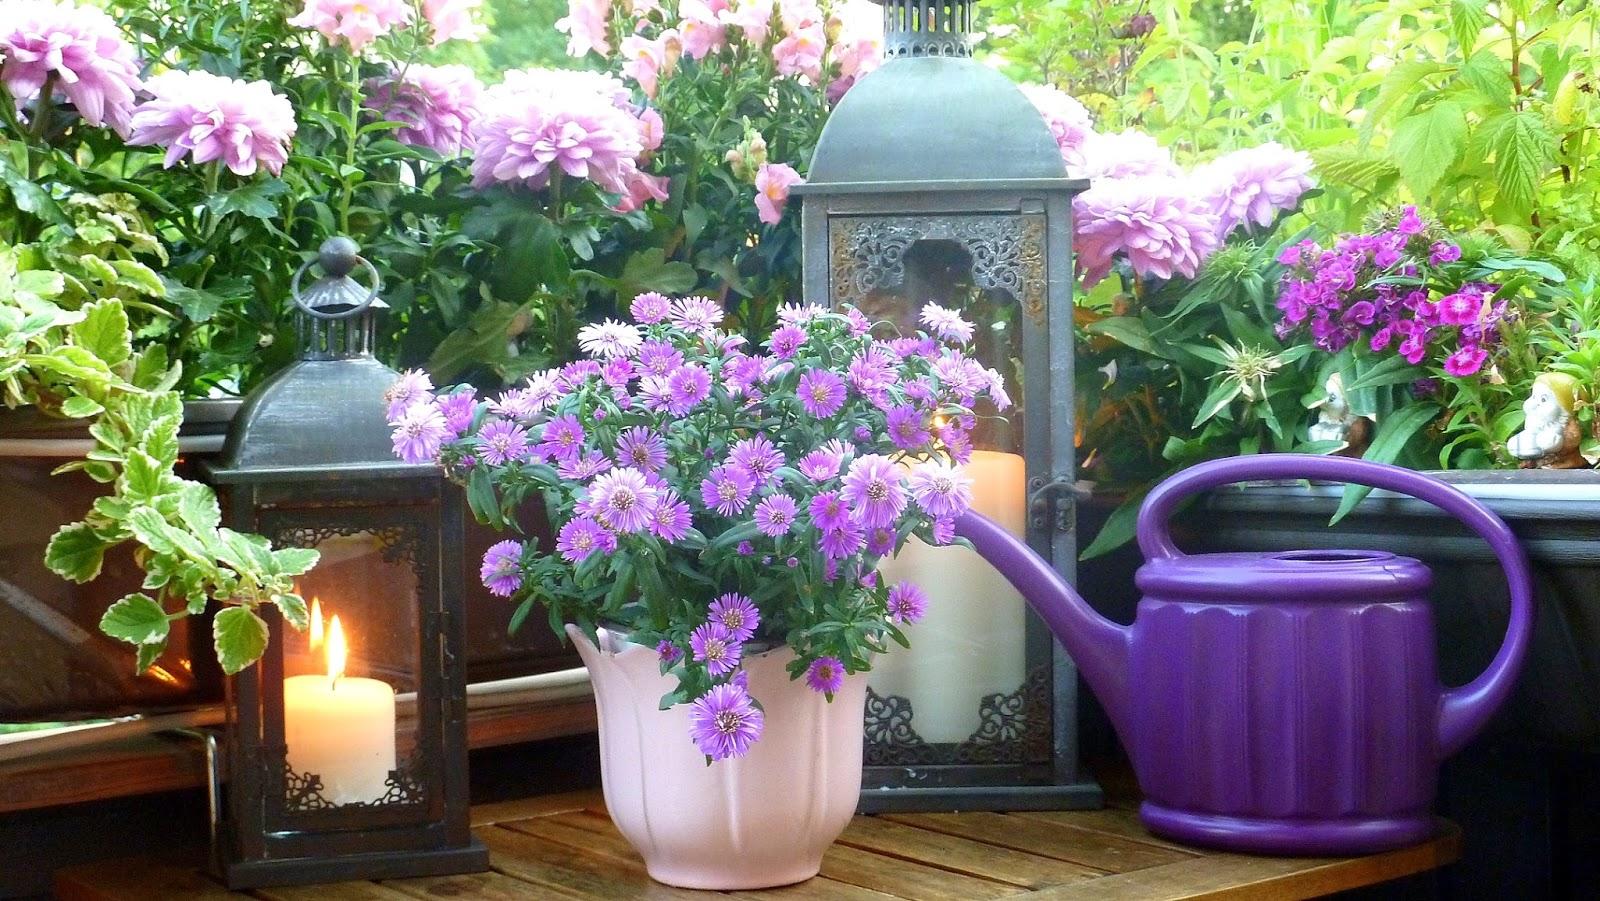 Sul terrazzo, piantando fiori e curando me stessa • Viaggi, Luoghi ...